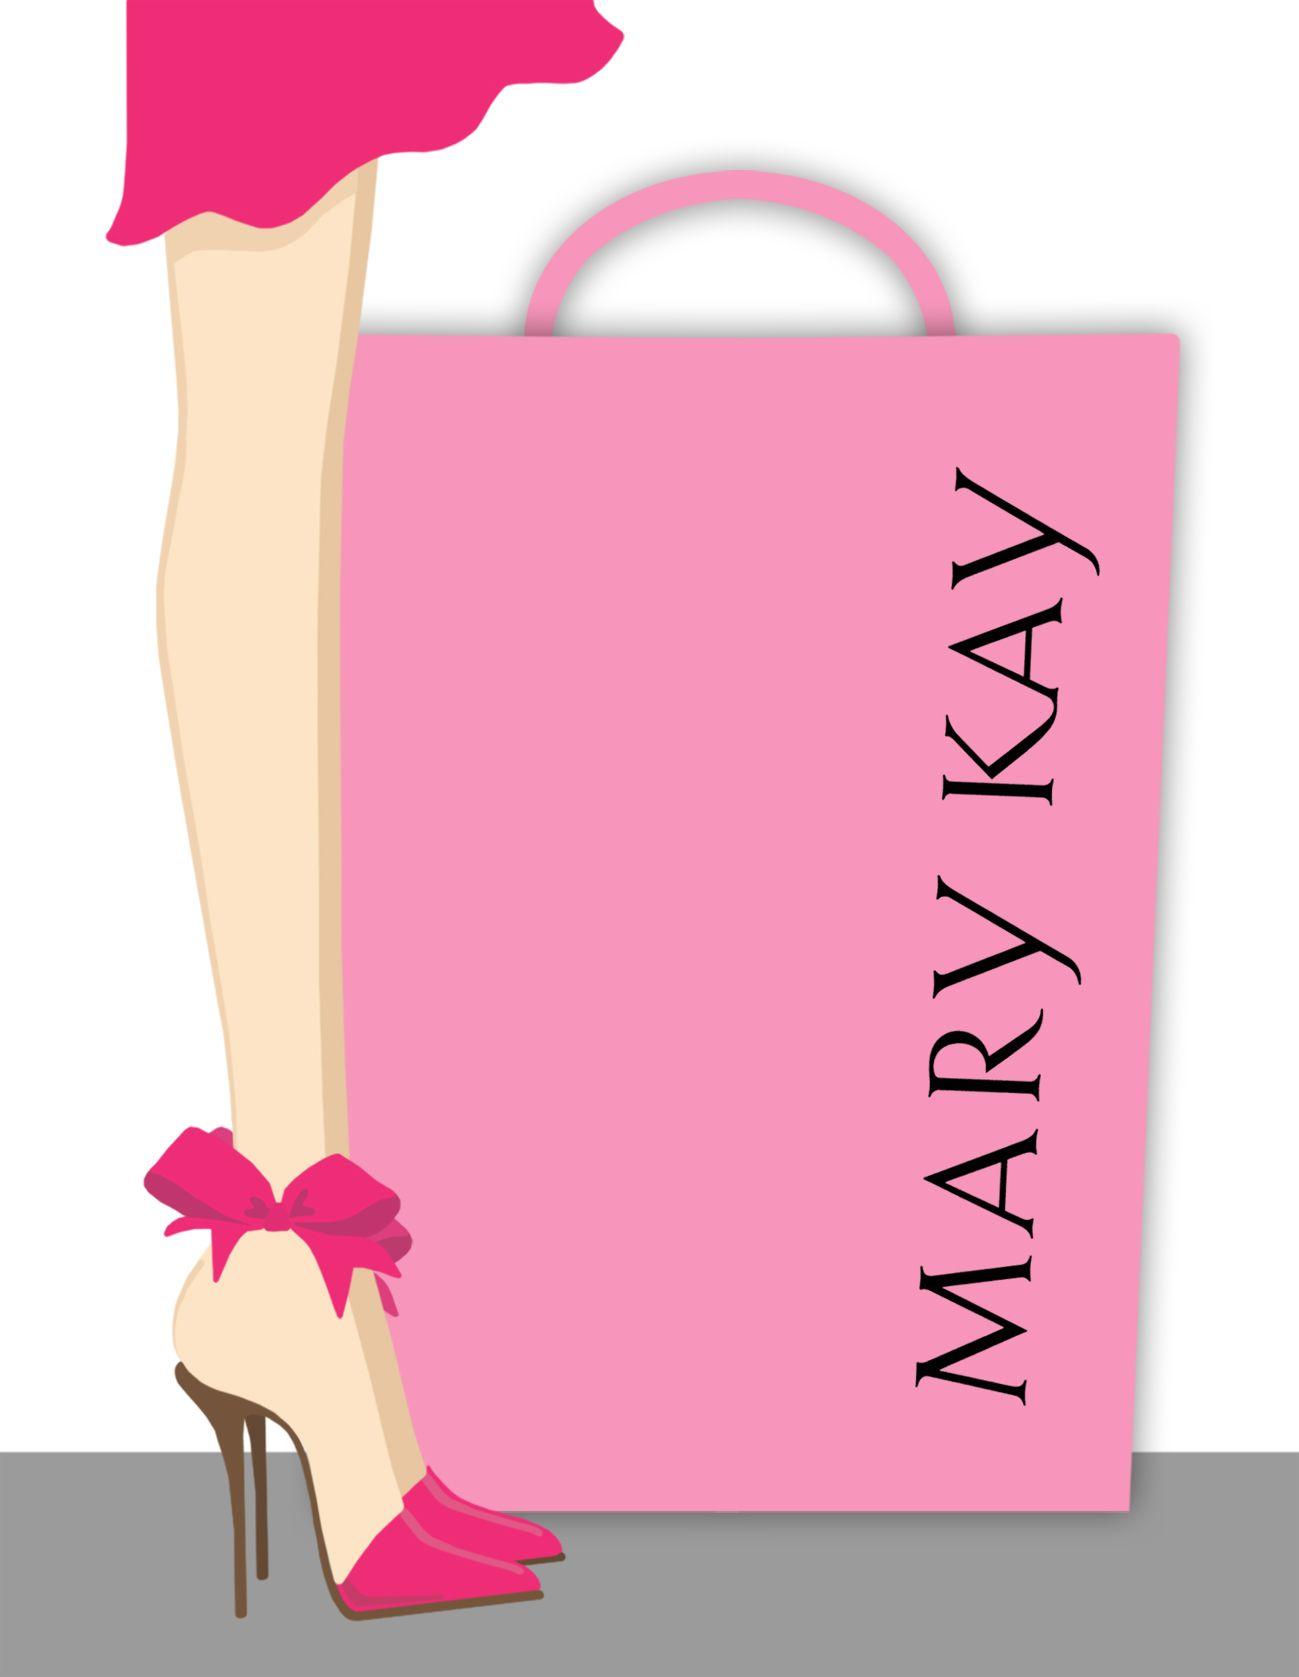 Ol Vizinhas Mary Kay Produtos Pinterest Mary Kay Mary And Google